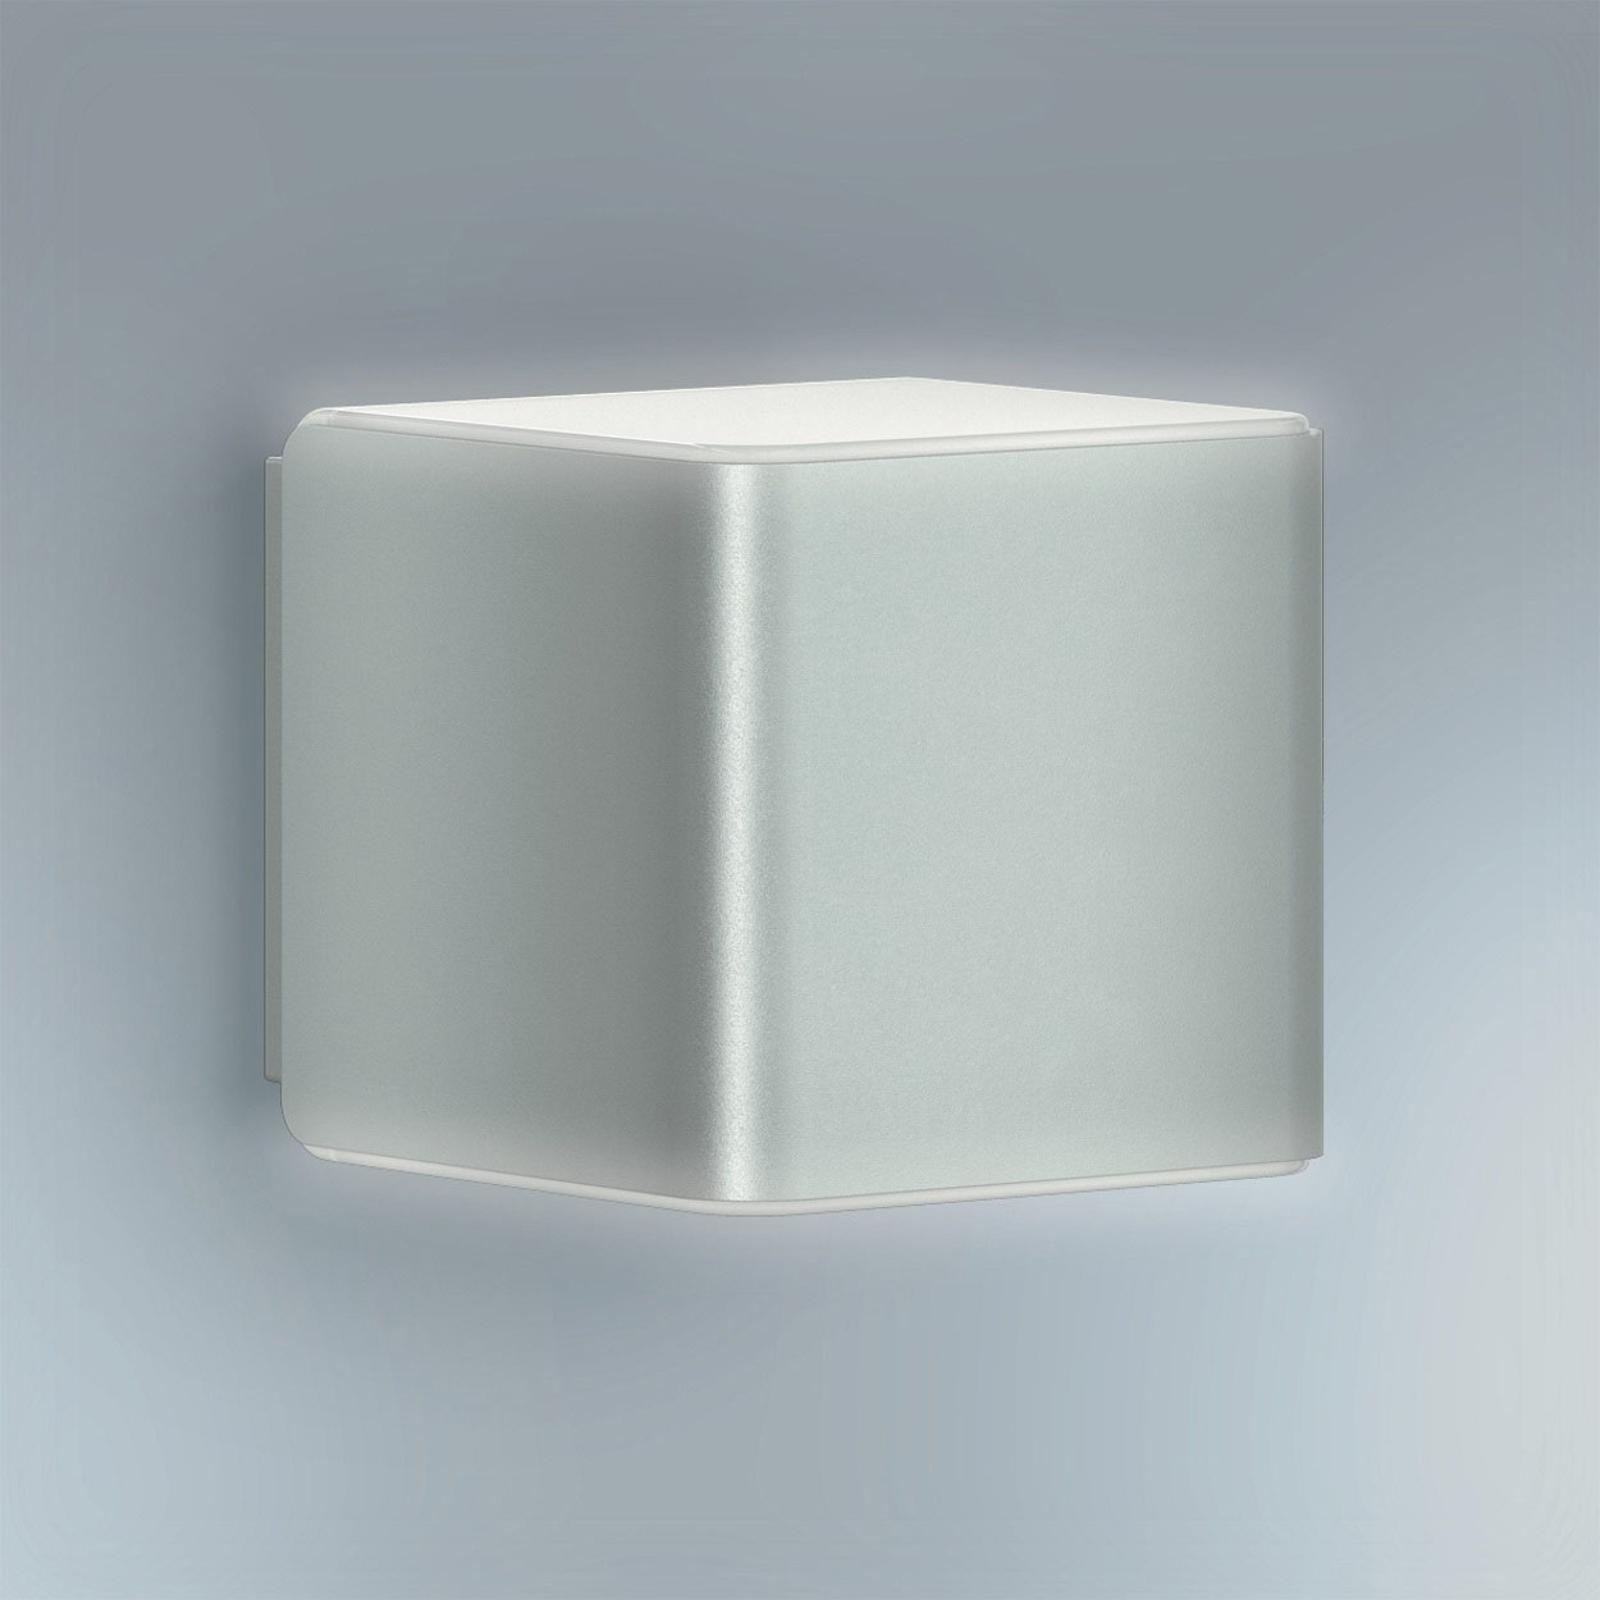 STEINEL L 840 SC utendørs vegglampe, sensor, sølv